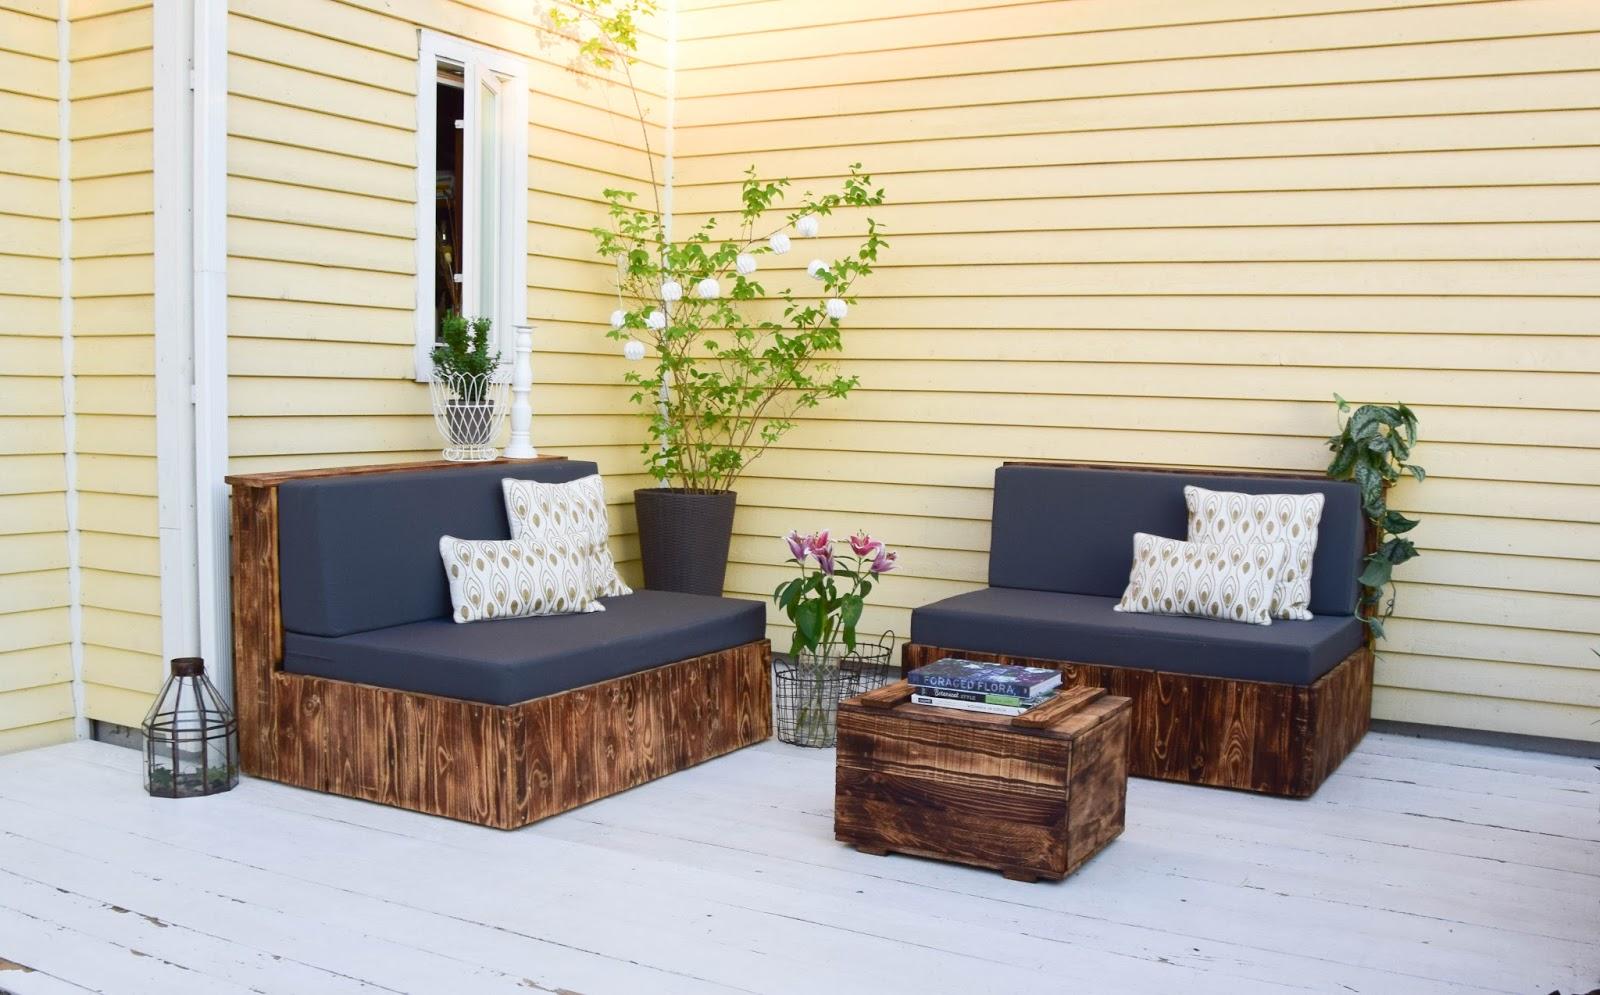 GroBartig Diy Paletten Sitzmöbel Für Terrasse Dekoidee Palettenmöbel Gestaltung Deko  Selbermachen Europaletten